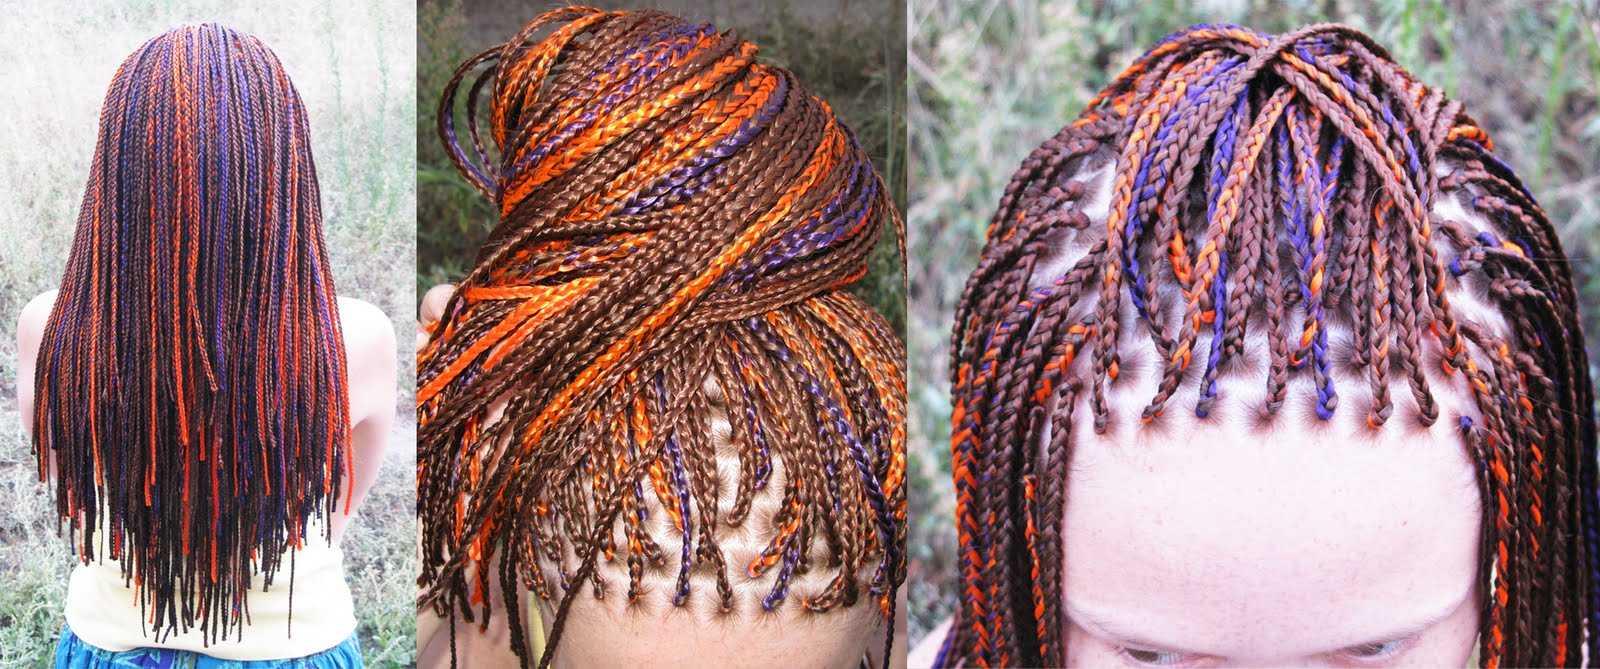 Плетение африканских косичек и их разновидности